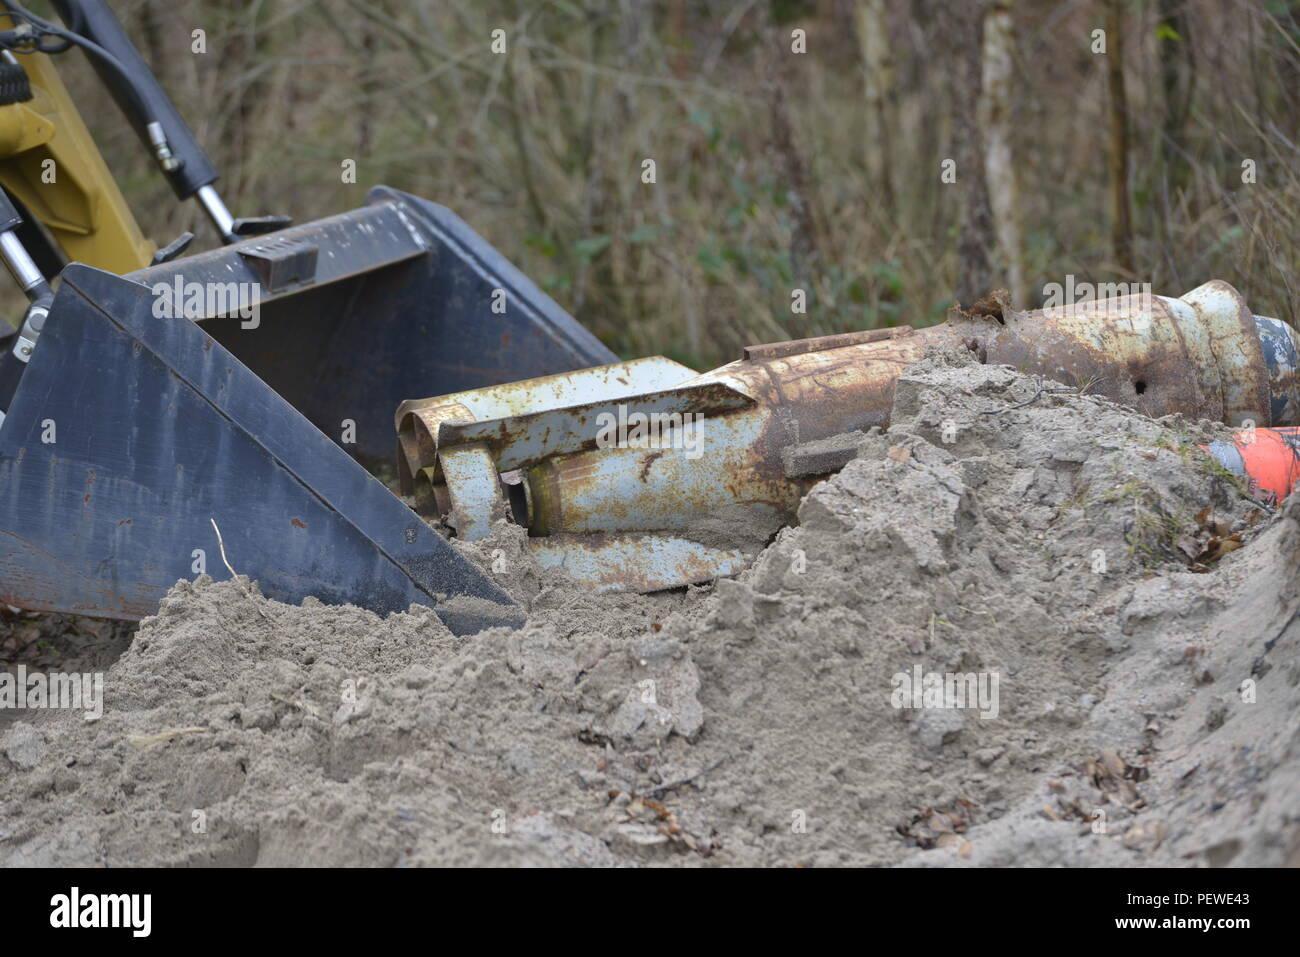 Un système de transport à distance prend une bombe inerte, utilisé à des fins de formation, le 28 janvier 2016, à la base aérienne de Ramstein, en Allemagne. Aviateurs affecté à la 786e Escadron de Génie Civil des explosifs et munitions, testé les fonctions de l'art en localisant et ramasser des objets de test. Banque D'Images